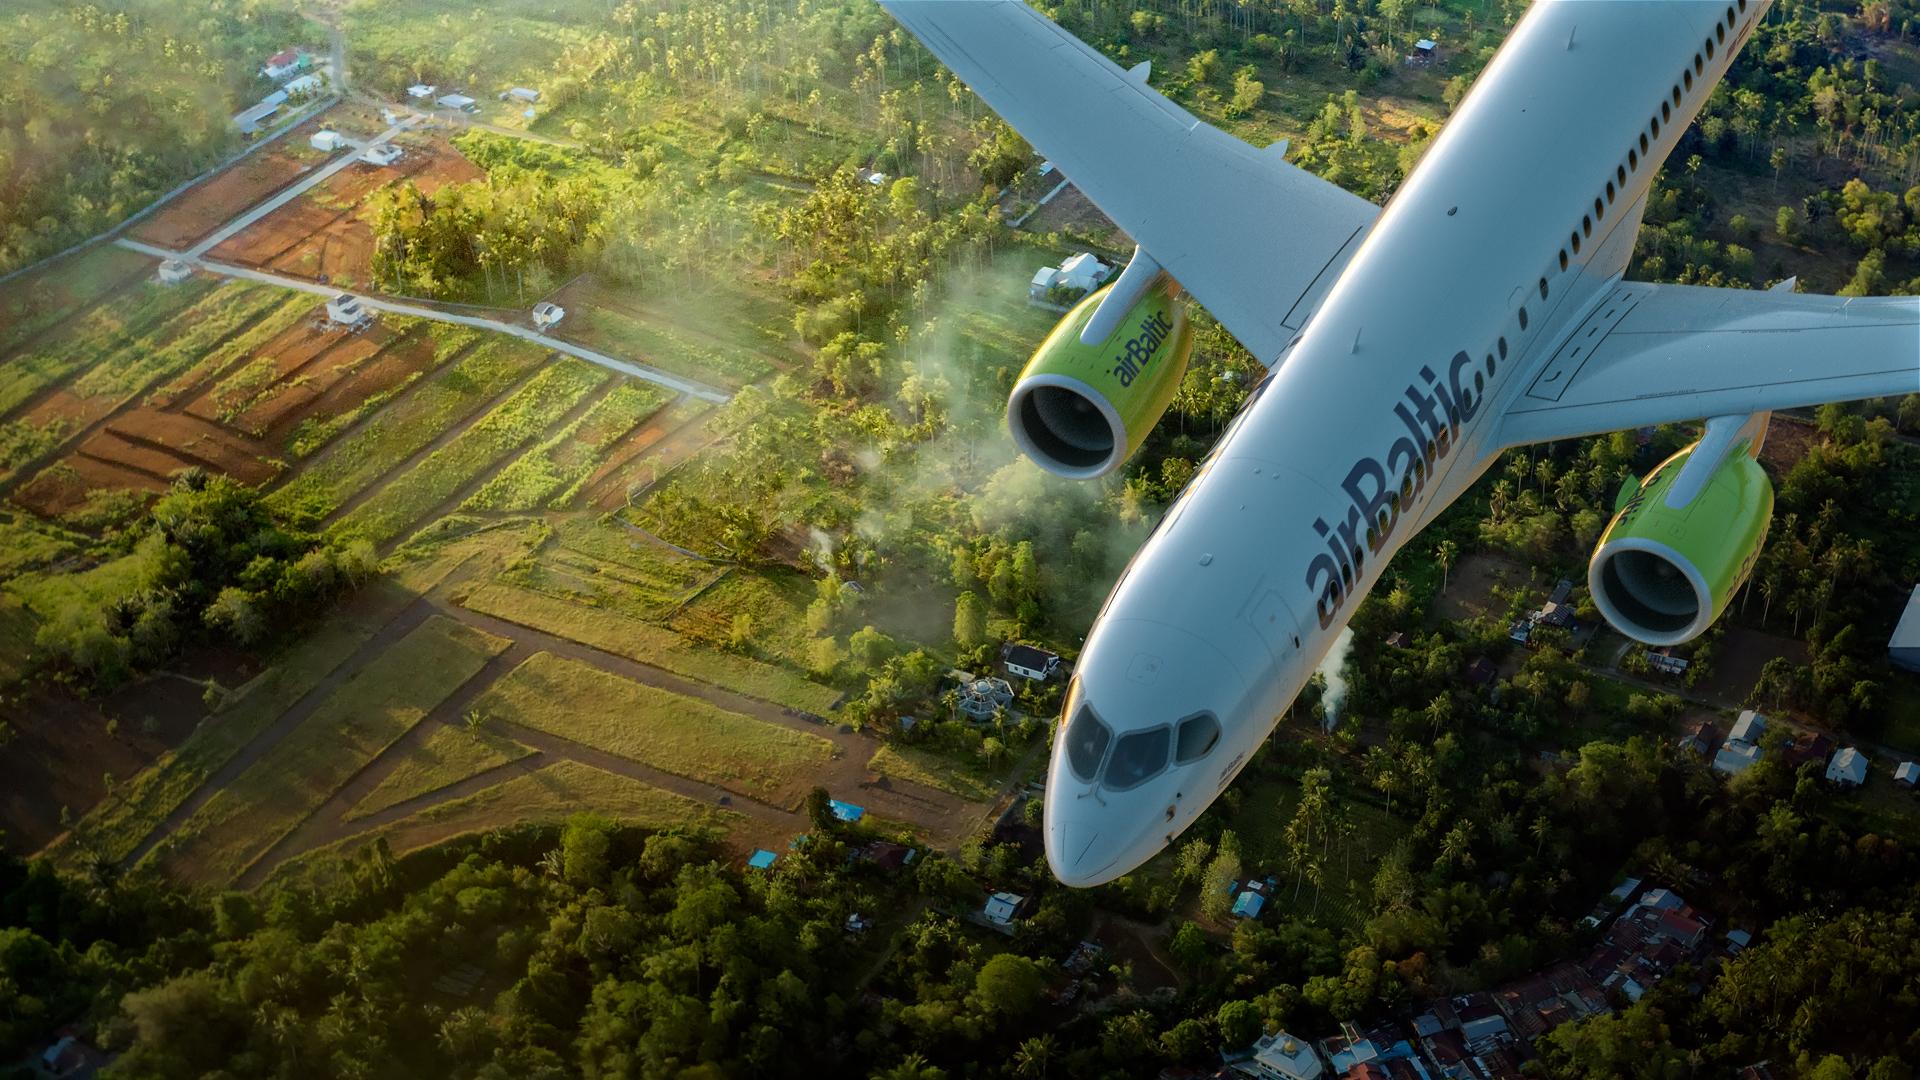 AirBaltic har specialiseret sig i ruter ud i primært Østeuropa, herunder Rusland, samt Vesteuropa – passagererne skifter fly i de tre baltiske hovedstæder, primært hovedlufthavnen, Riga. Pressefoto: AirBaltic.